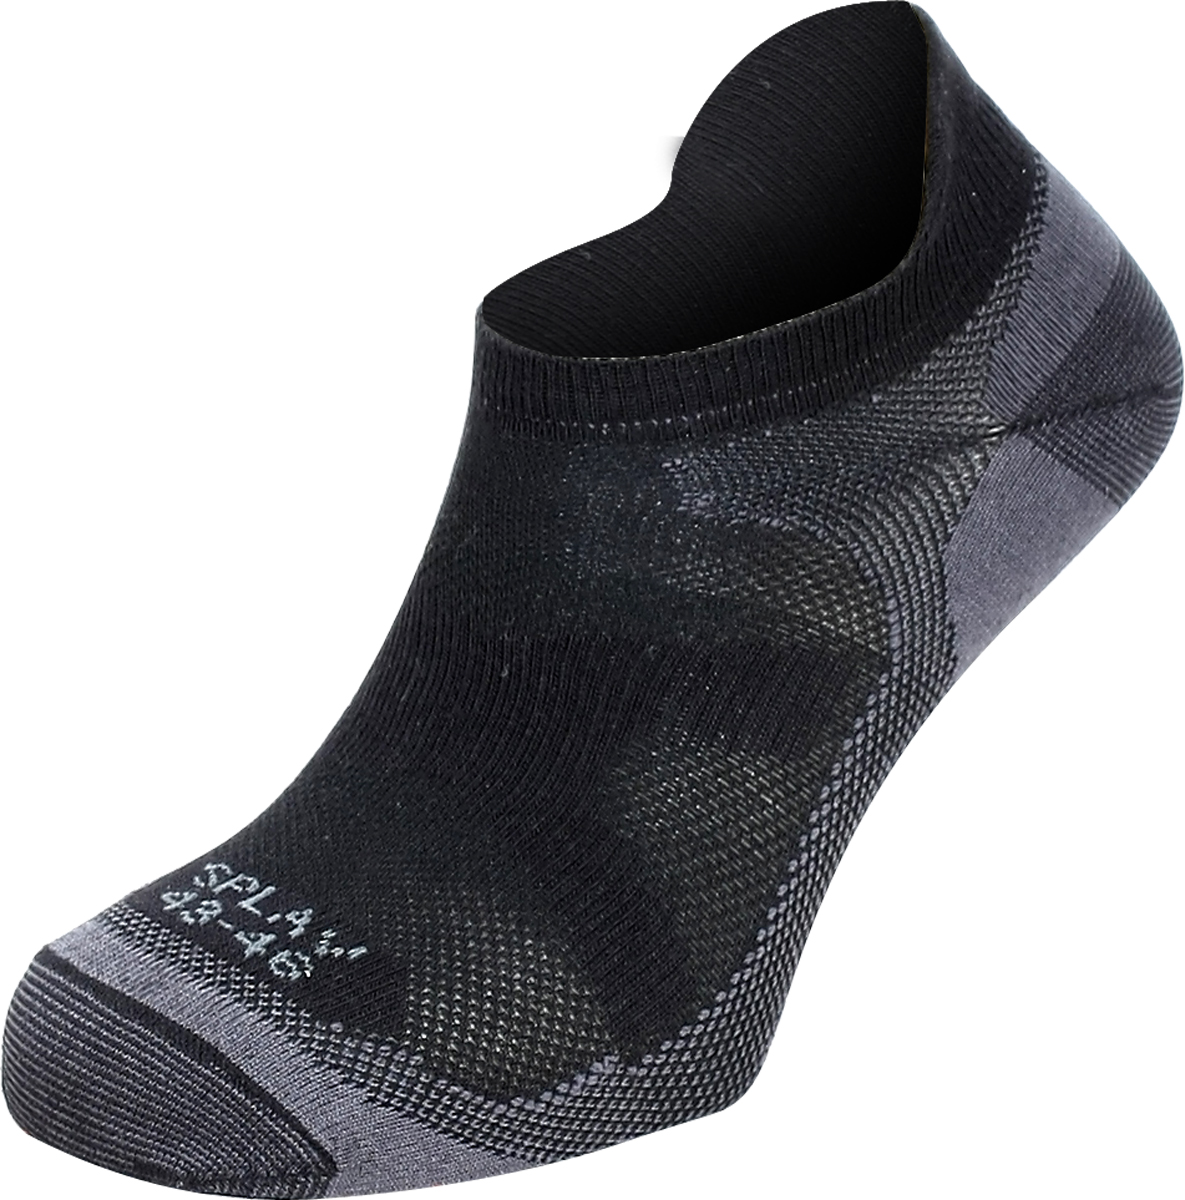 Термоноски женские Сплав Trace, цвет: черный. 1585700. Размер 35/381585700Укороченные бесшовные носки для прогулок и занятий спортом в жаркую погоду. Подойдут для использования с кроссовой обувью.Содержание волокон COOLMAX способствует ускоренному испарению избыточной влаги.Анатомическая форма, индивидуальная для левой и правой стоп, обеспечивает максимальный комфорт.Бесшовная технология создает повышенный комфорт предотвращает натирание пальцев ног.Благодаря специальной вязке обладают дышащим эффектом и исключительной эластичностью.Наличие усиленных зон обеспечивает повышенную износостойкость.свойства Coolmax:Coolmax — полиэстеровое волокно фирмы DuPont, с четырехжильной нитьюЭффективно отводит влагу с поверхности тела.Cохраняет тело сухим даже во время больших физических нагрузок.